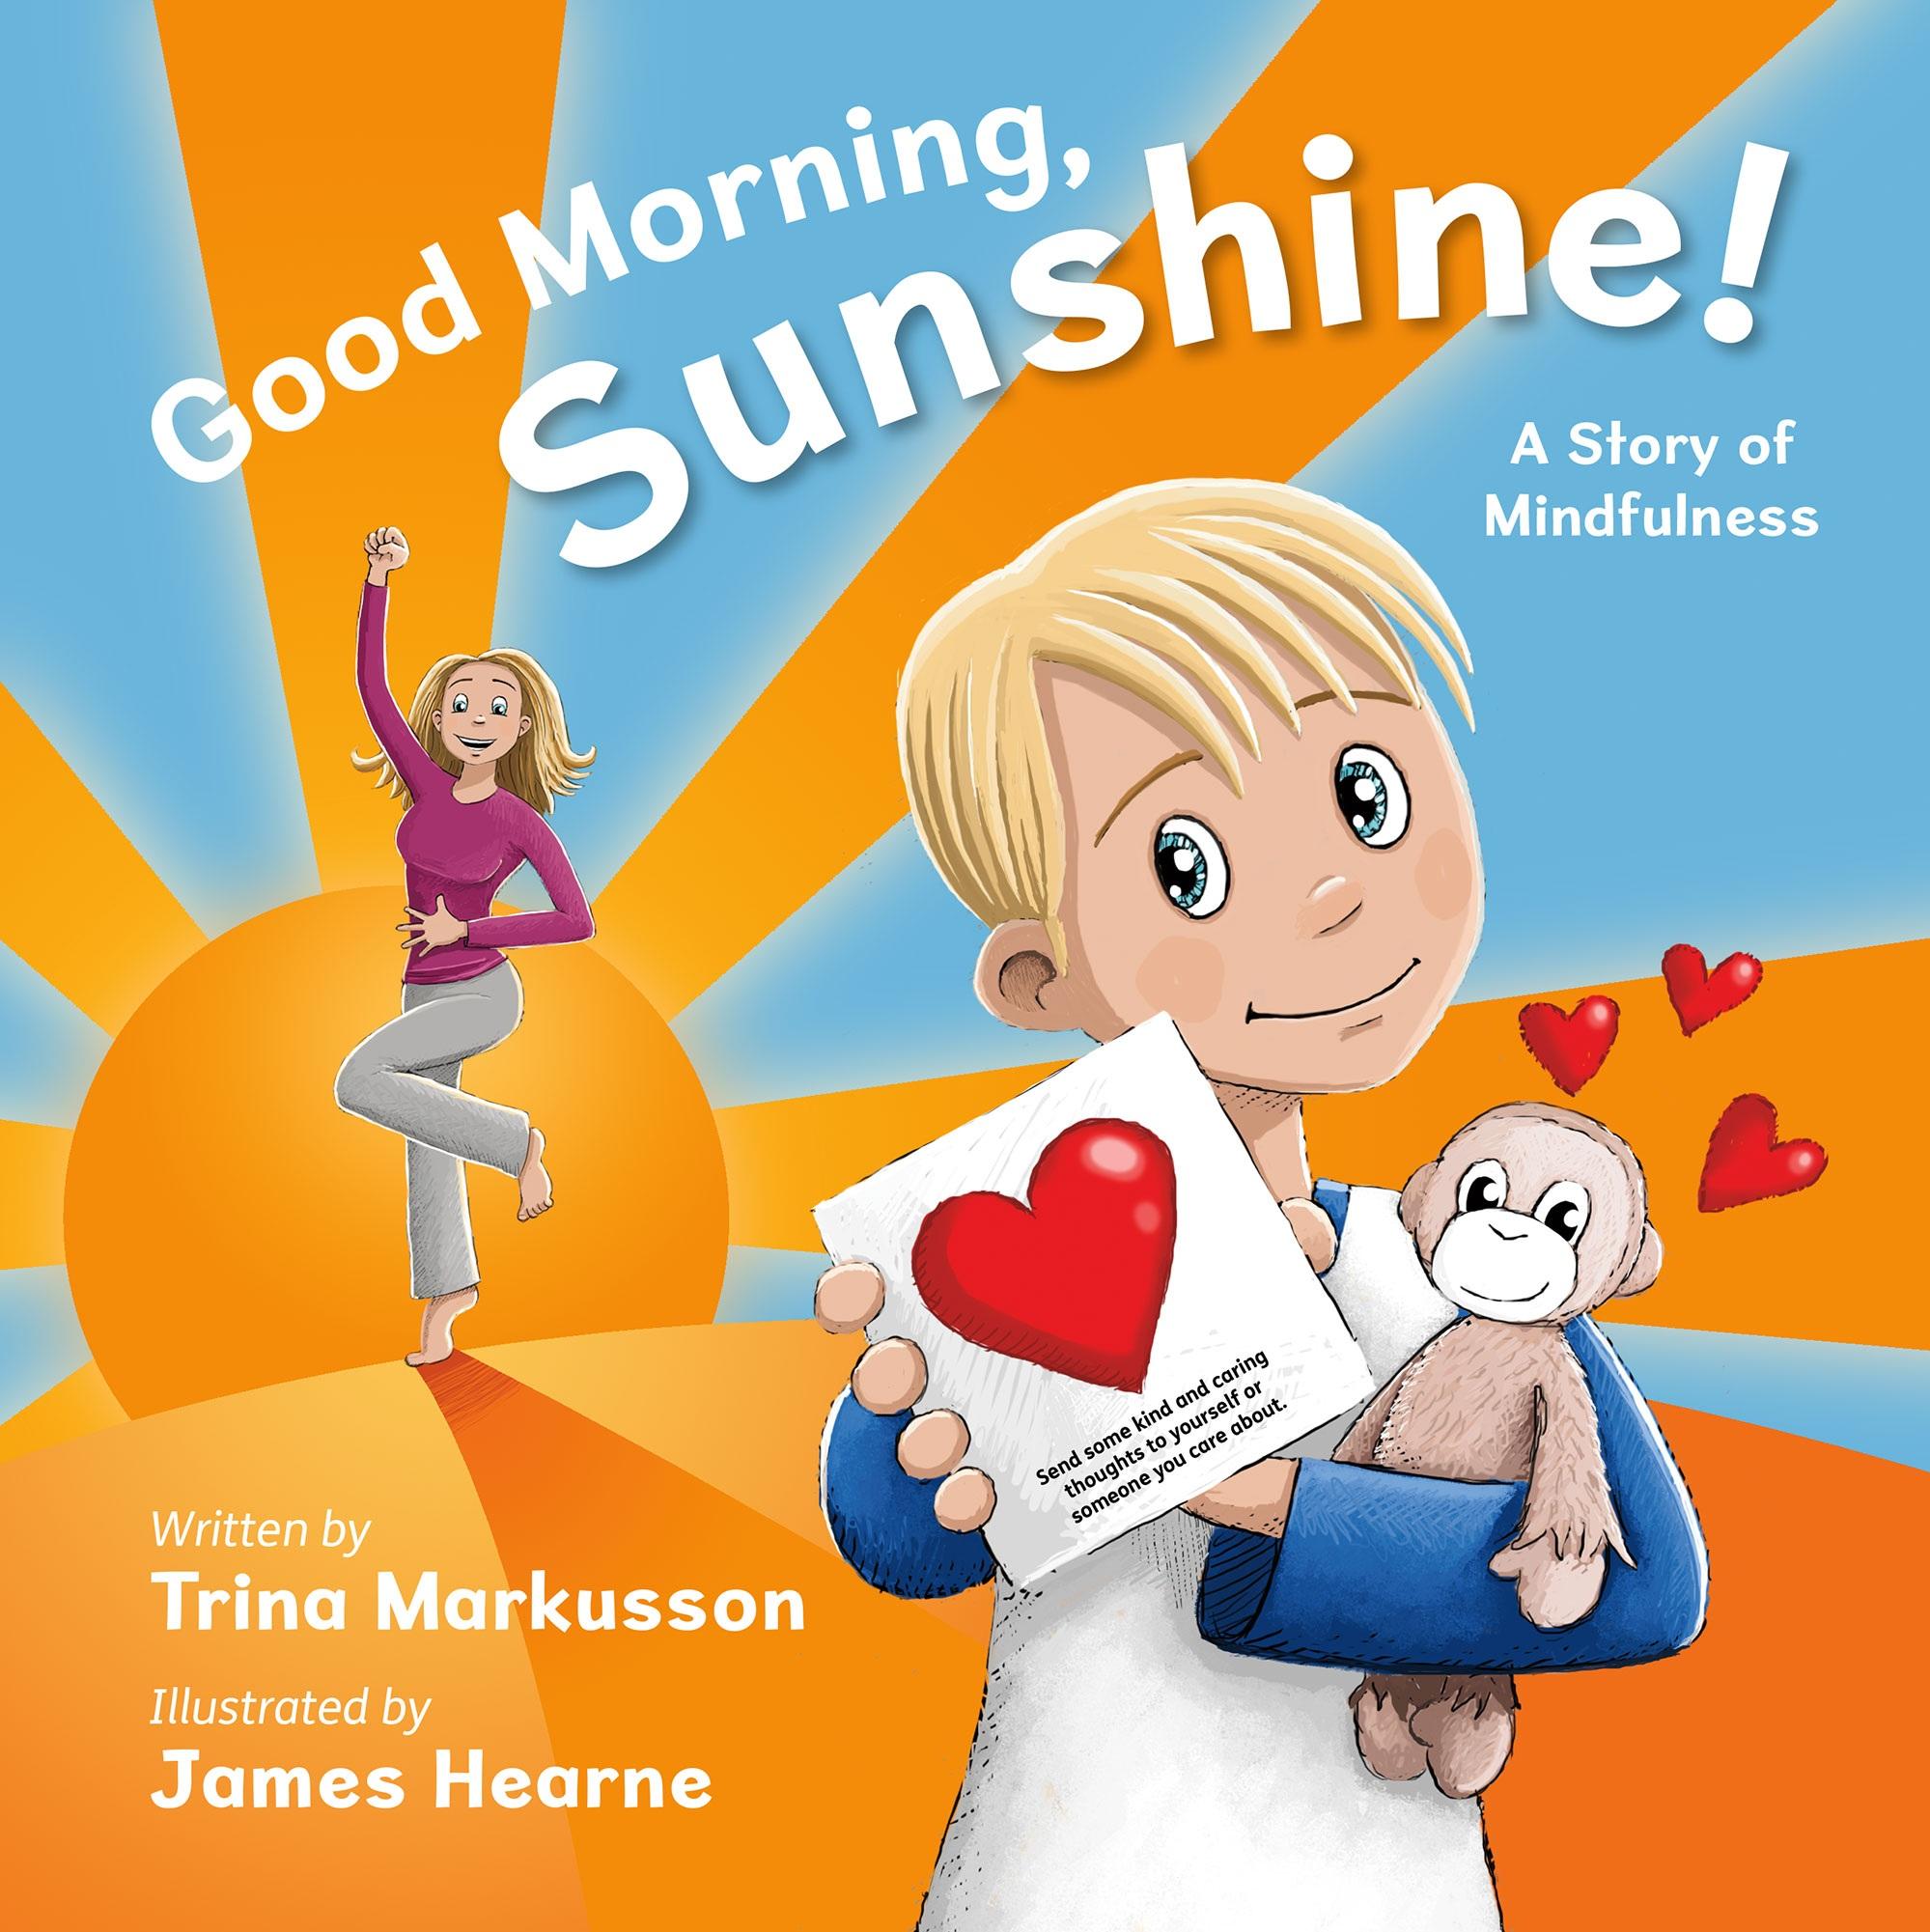 Book cover image courtesy Trina Markusson